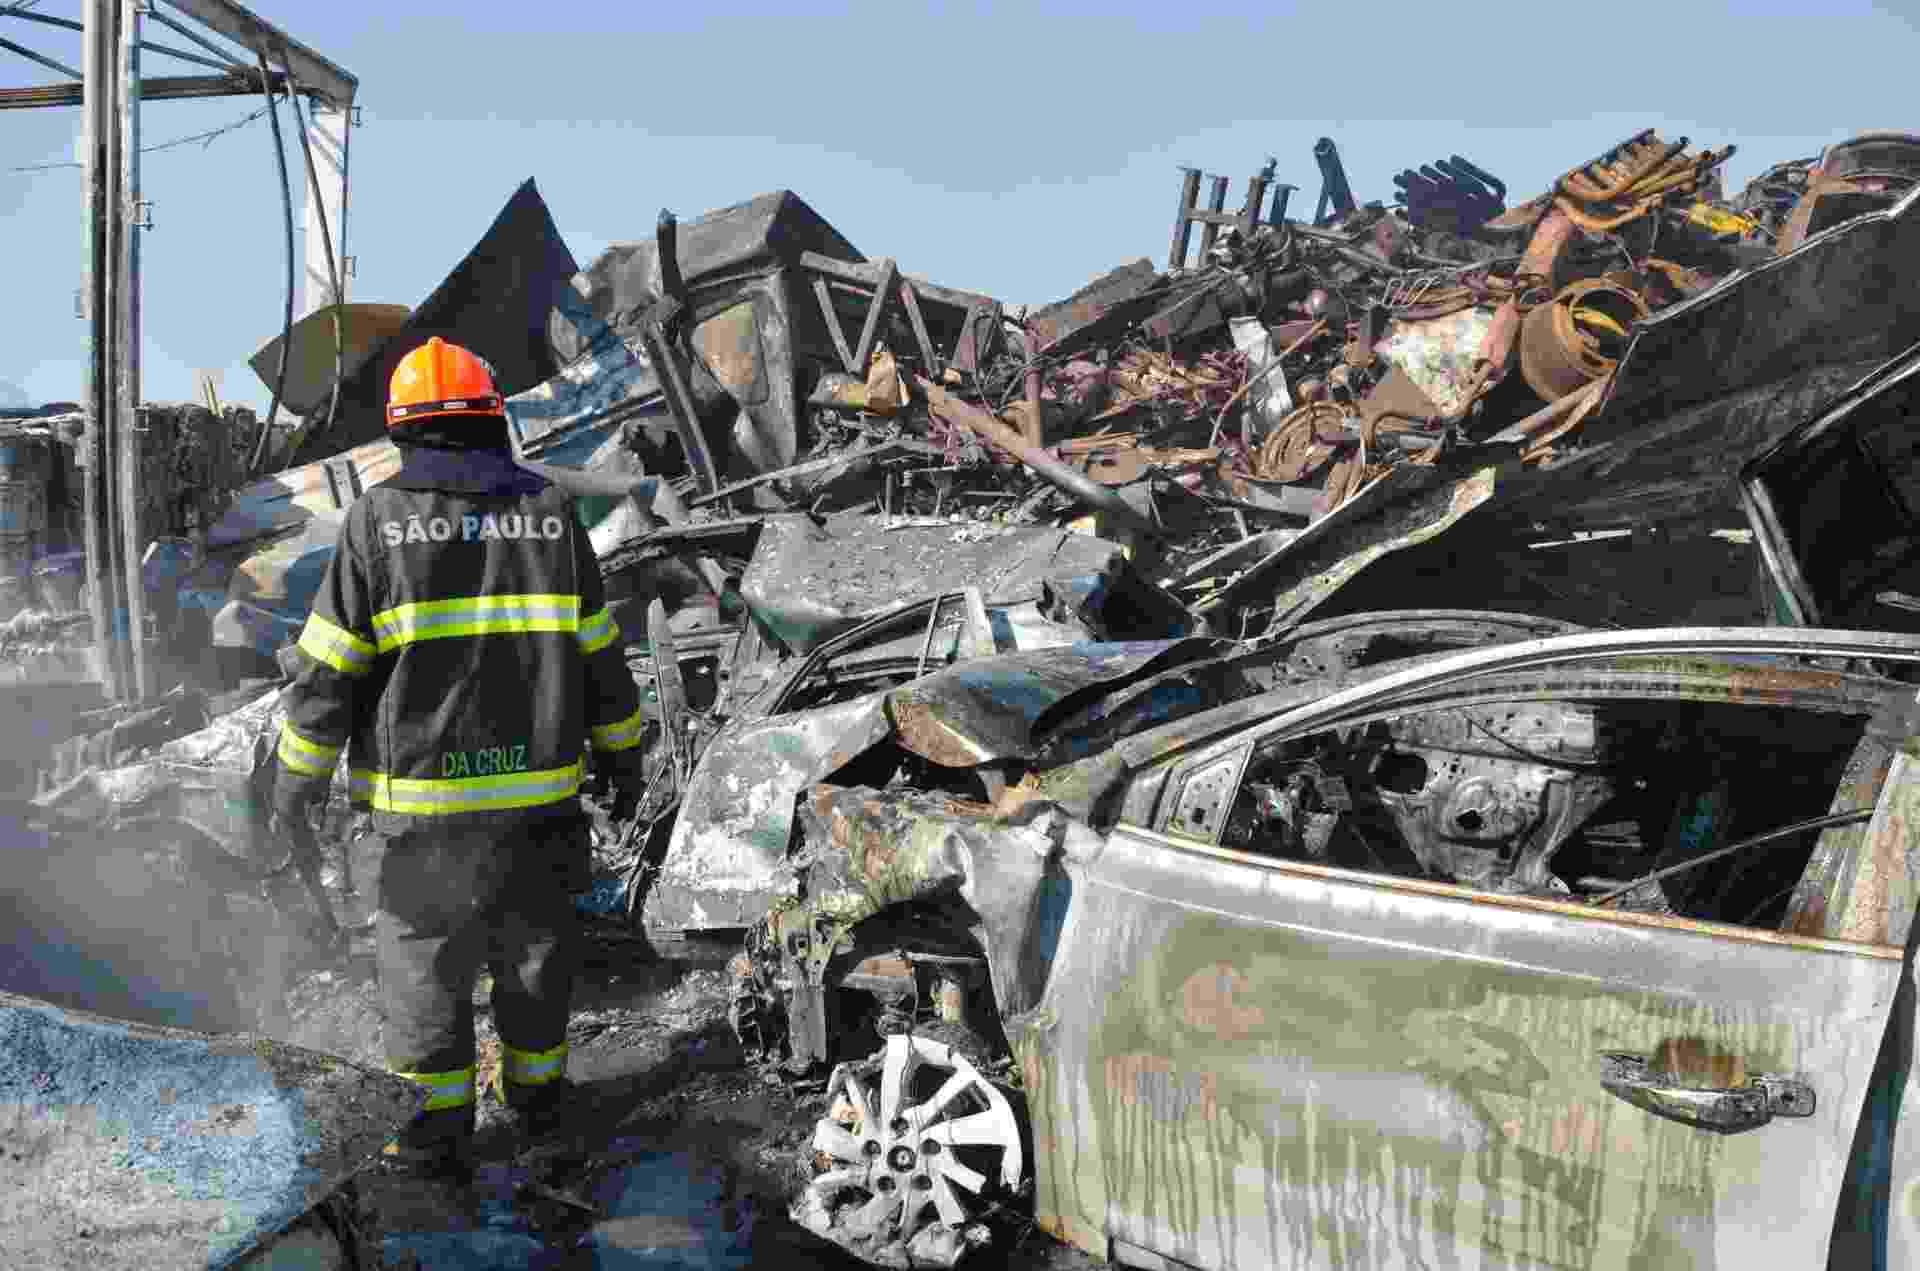 30.ago.2017 - Um acidente envolvendo mais de carros ocorreu nesta quarta-feira na rodovia Carvalho Pinto, em Jacareí (SP); duas pessoas morreram - NILTON CARDIN/ESTADÃO CONTEÚDO